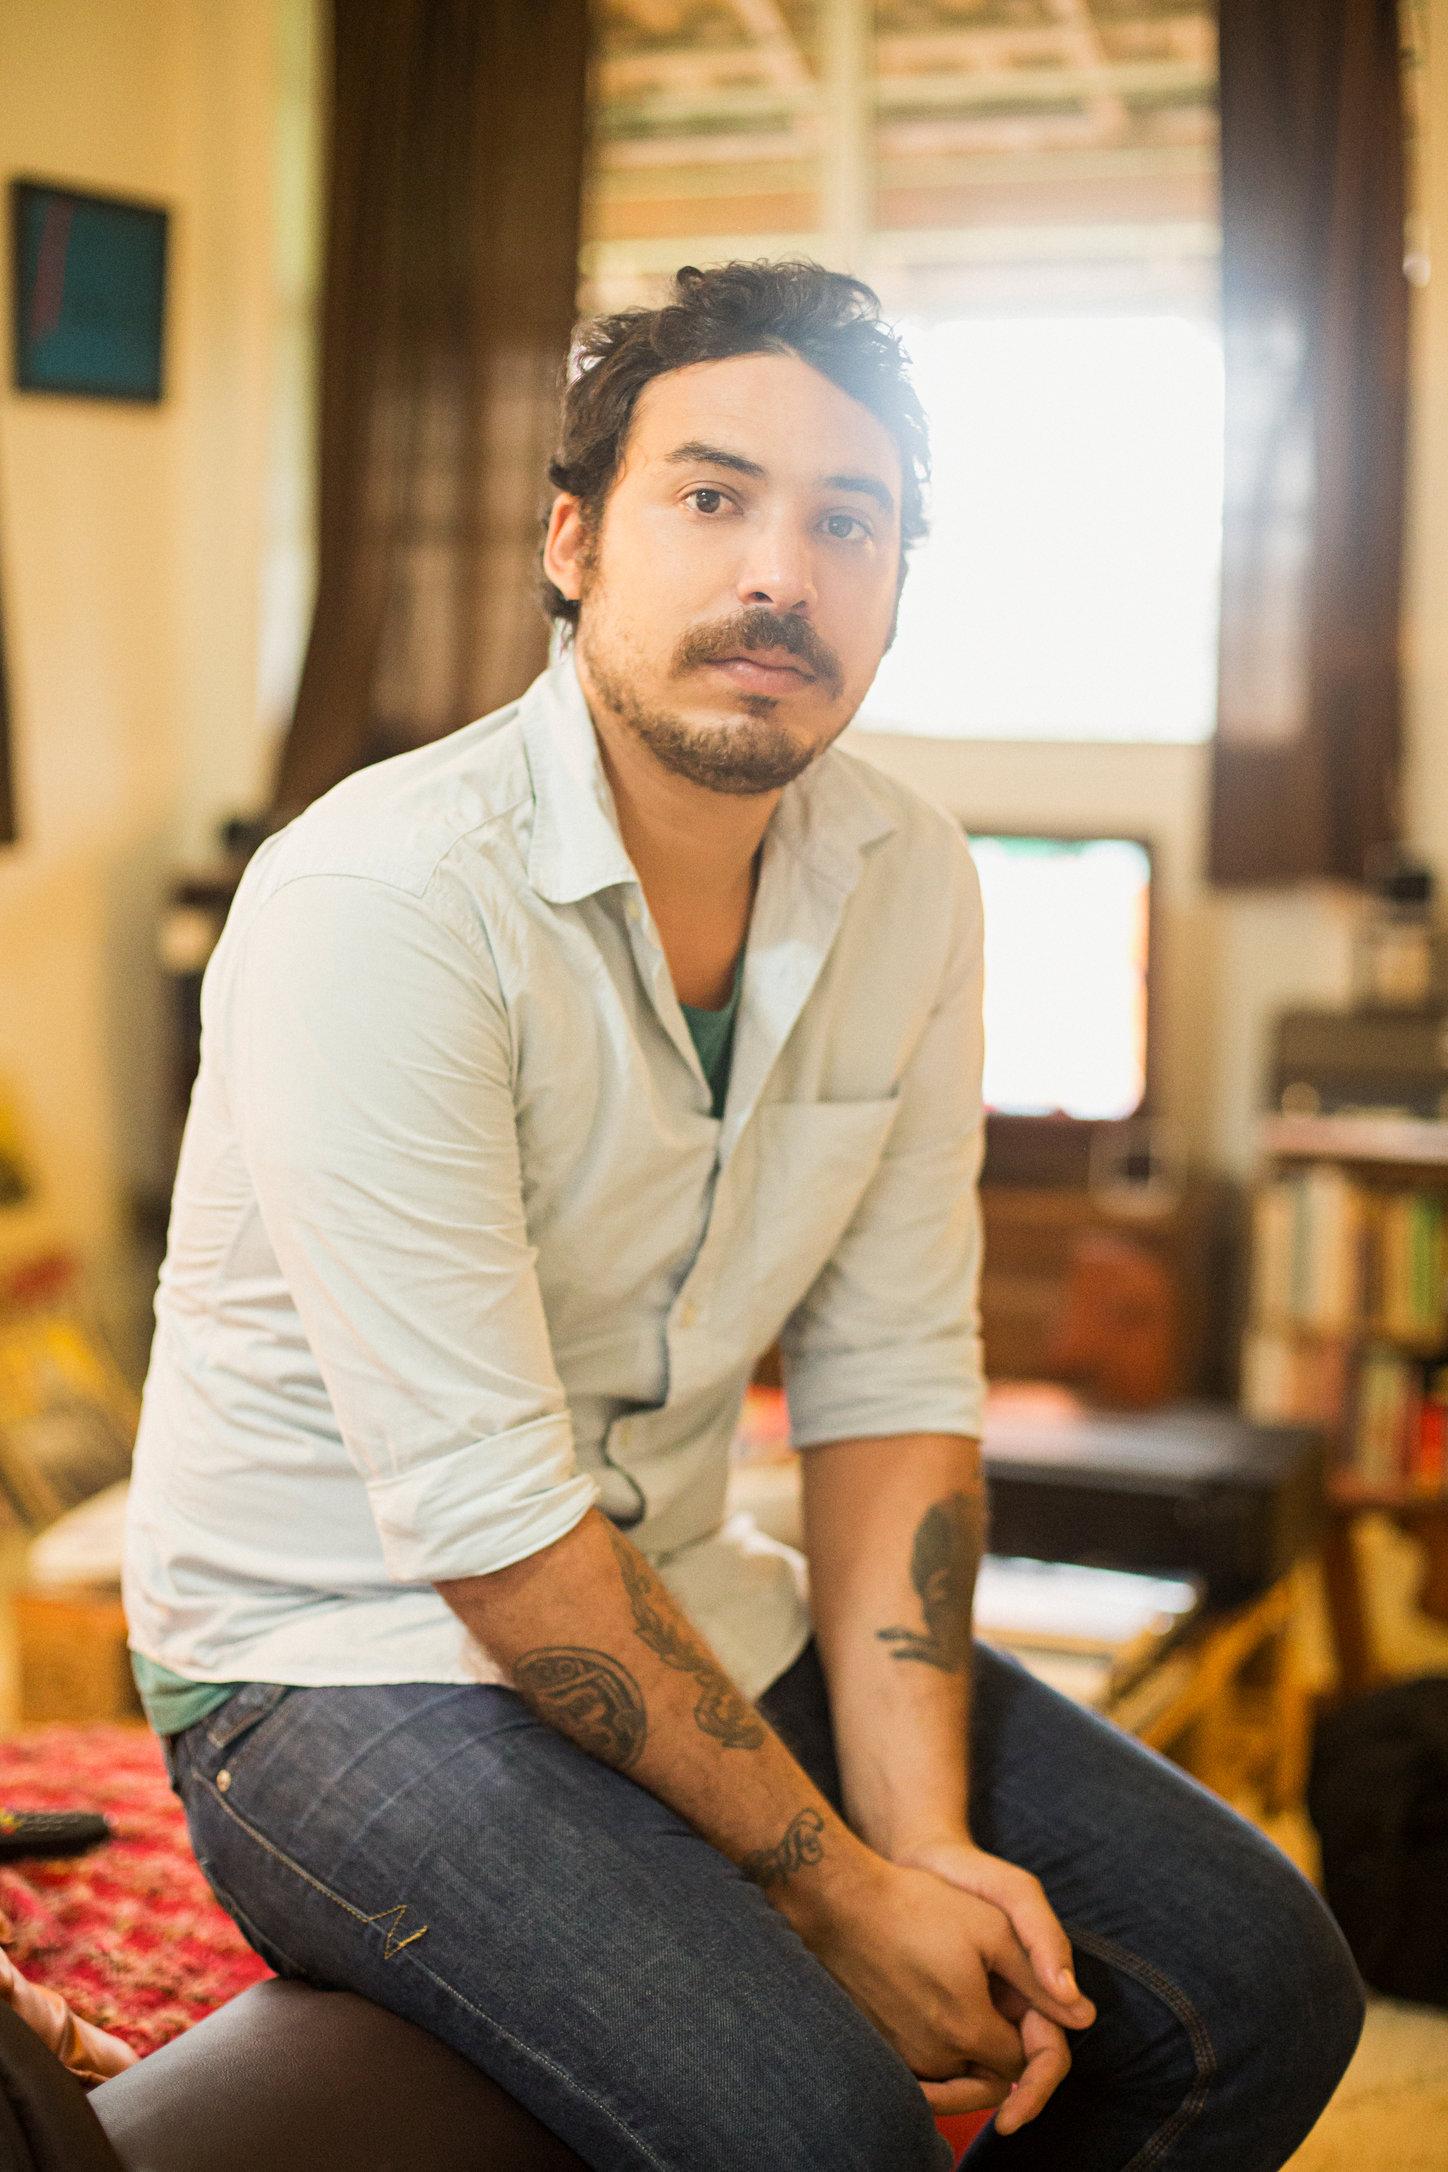 Carlos Mendez